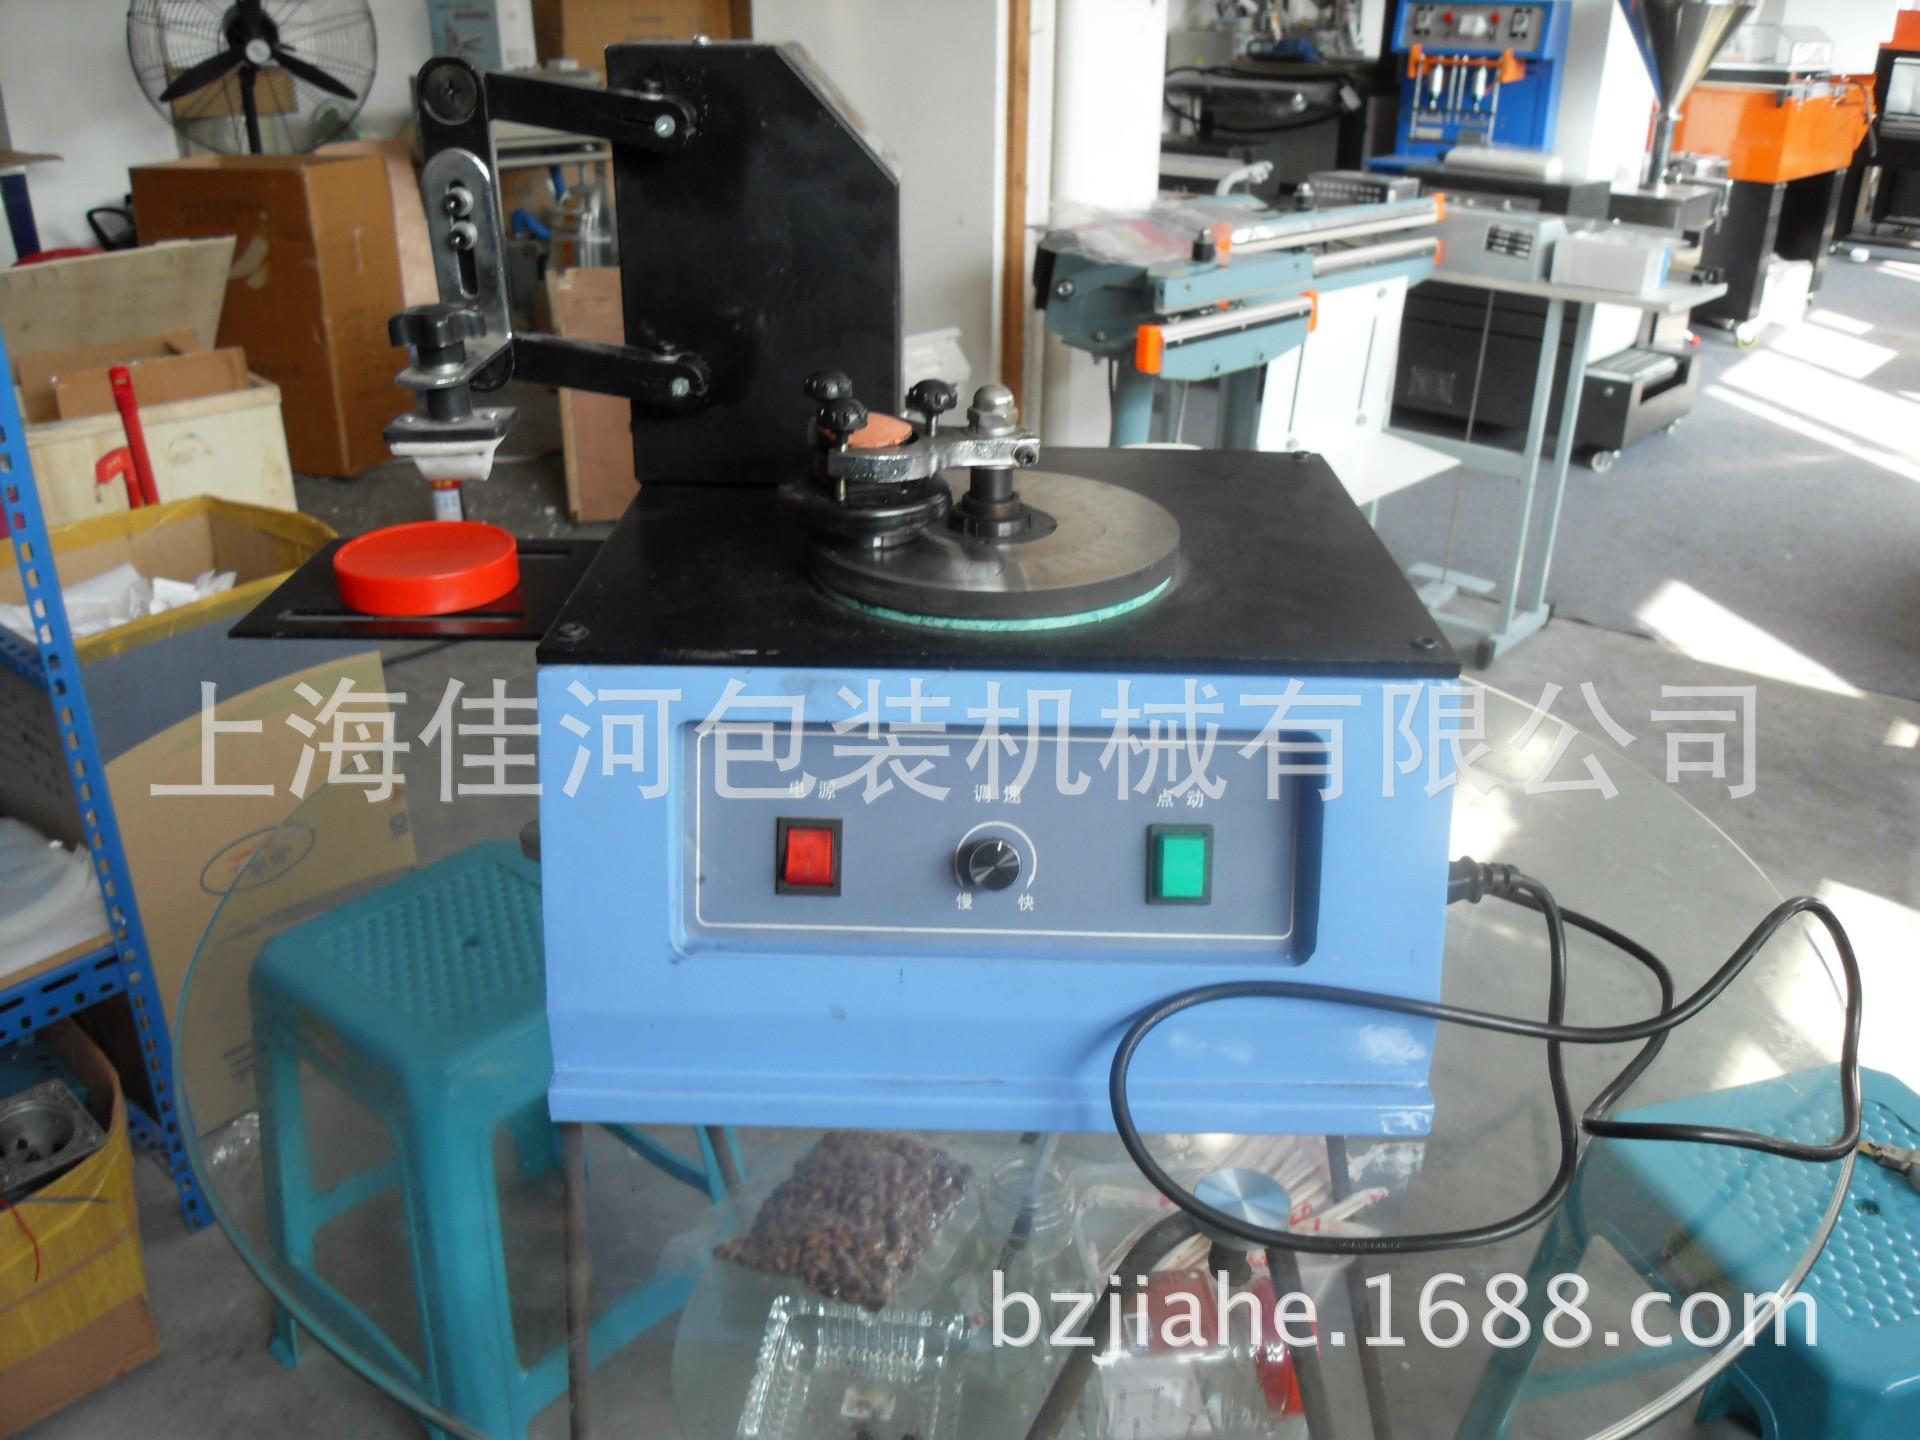 电动油墨移印机 佳河牌 墨轮打码机 双向打印 全自动